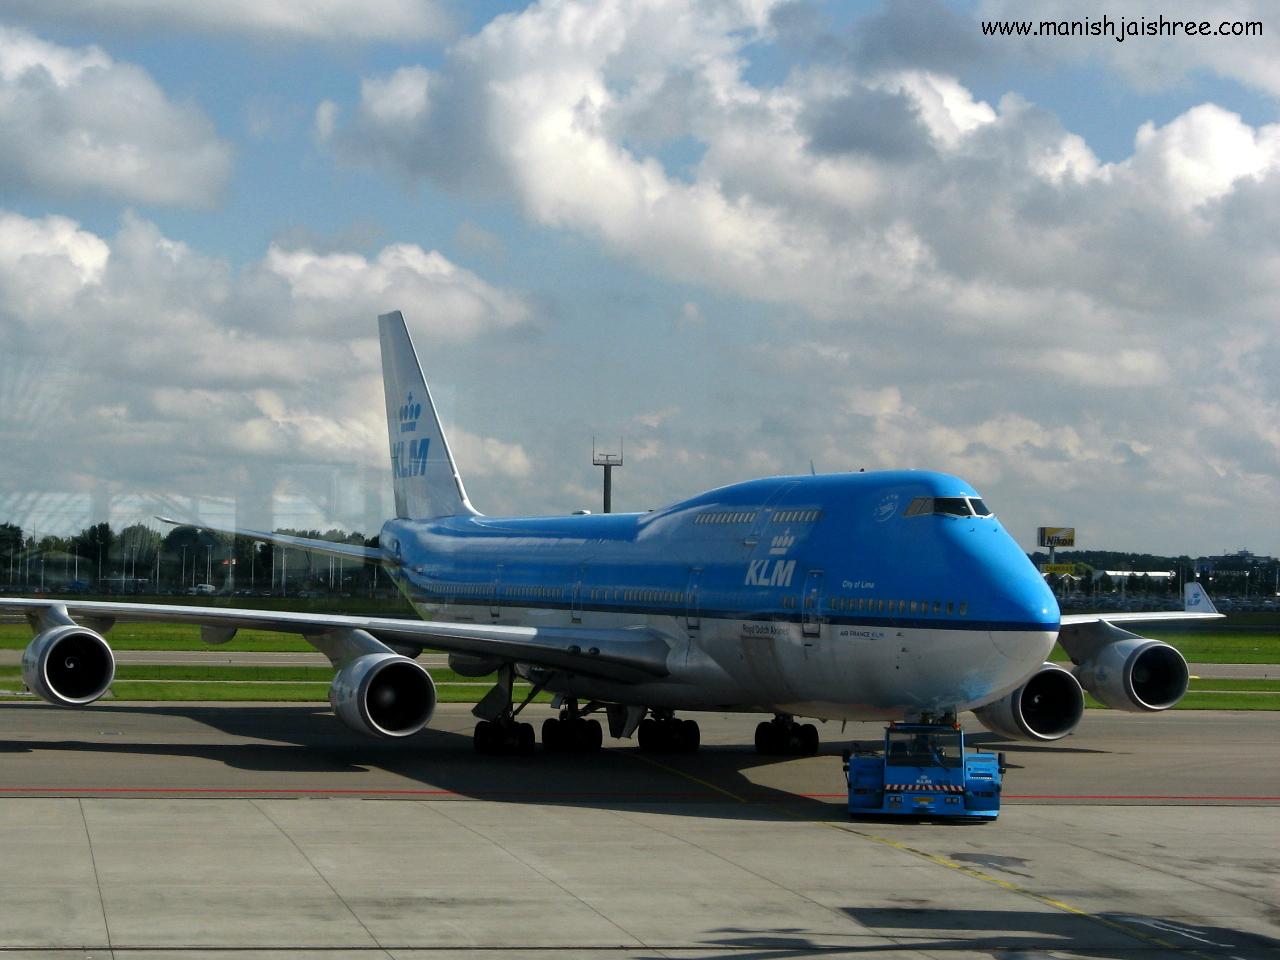 Amsterdam Airport Schipol